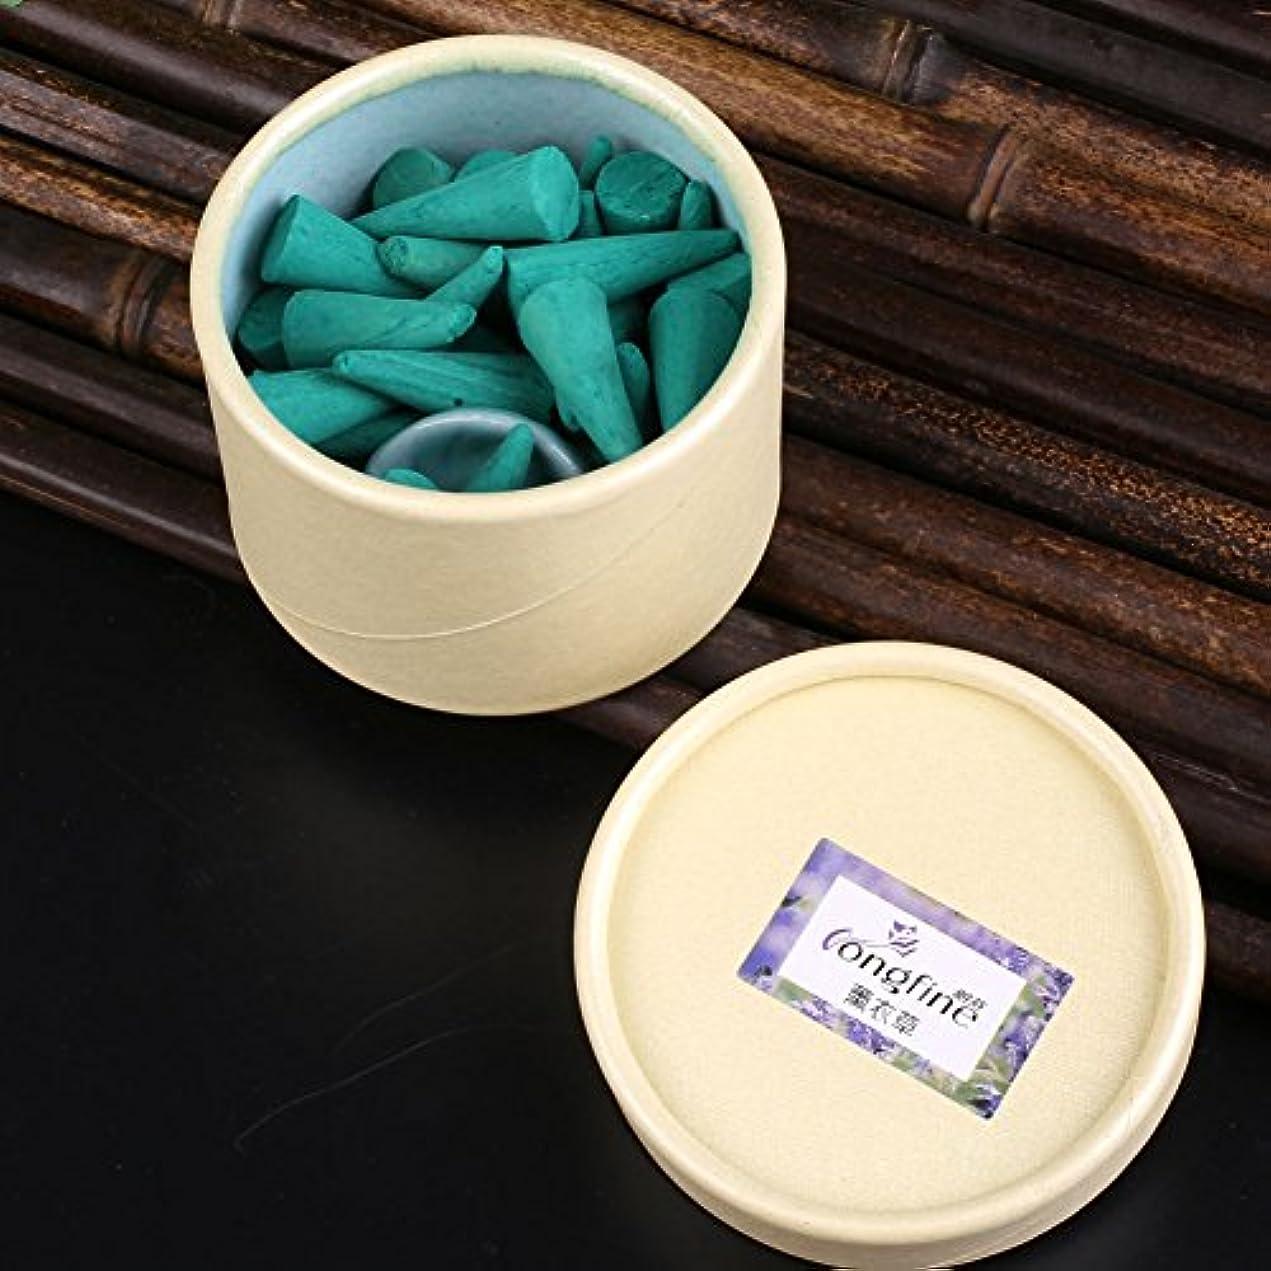 パーフェルビッドまだら四分円ホームFragrancing Plant Essentailオイル香りつきスティックラベンダーアロマIncluding Smallプレートアロマセラピー パープル MQ-132274_5